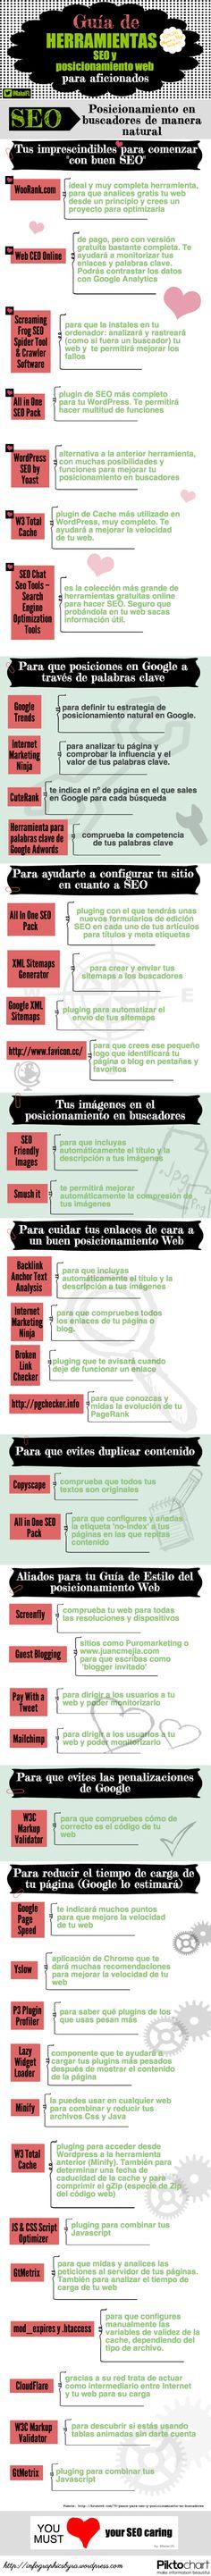 Guía de herramientas #SEO y #posicionamiento #Infografia